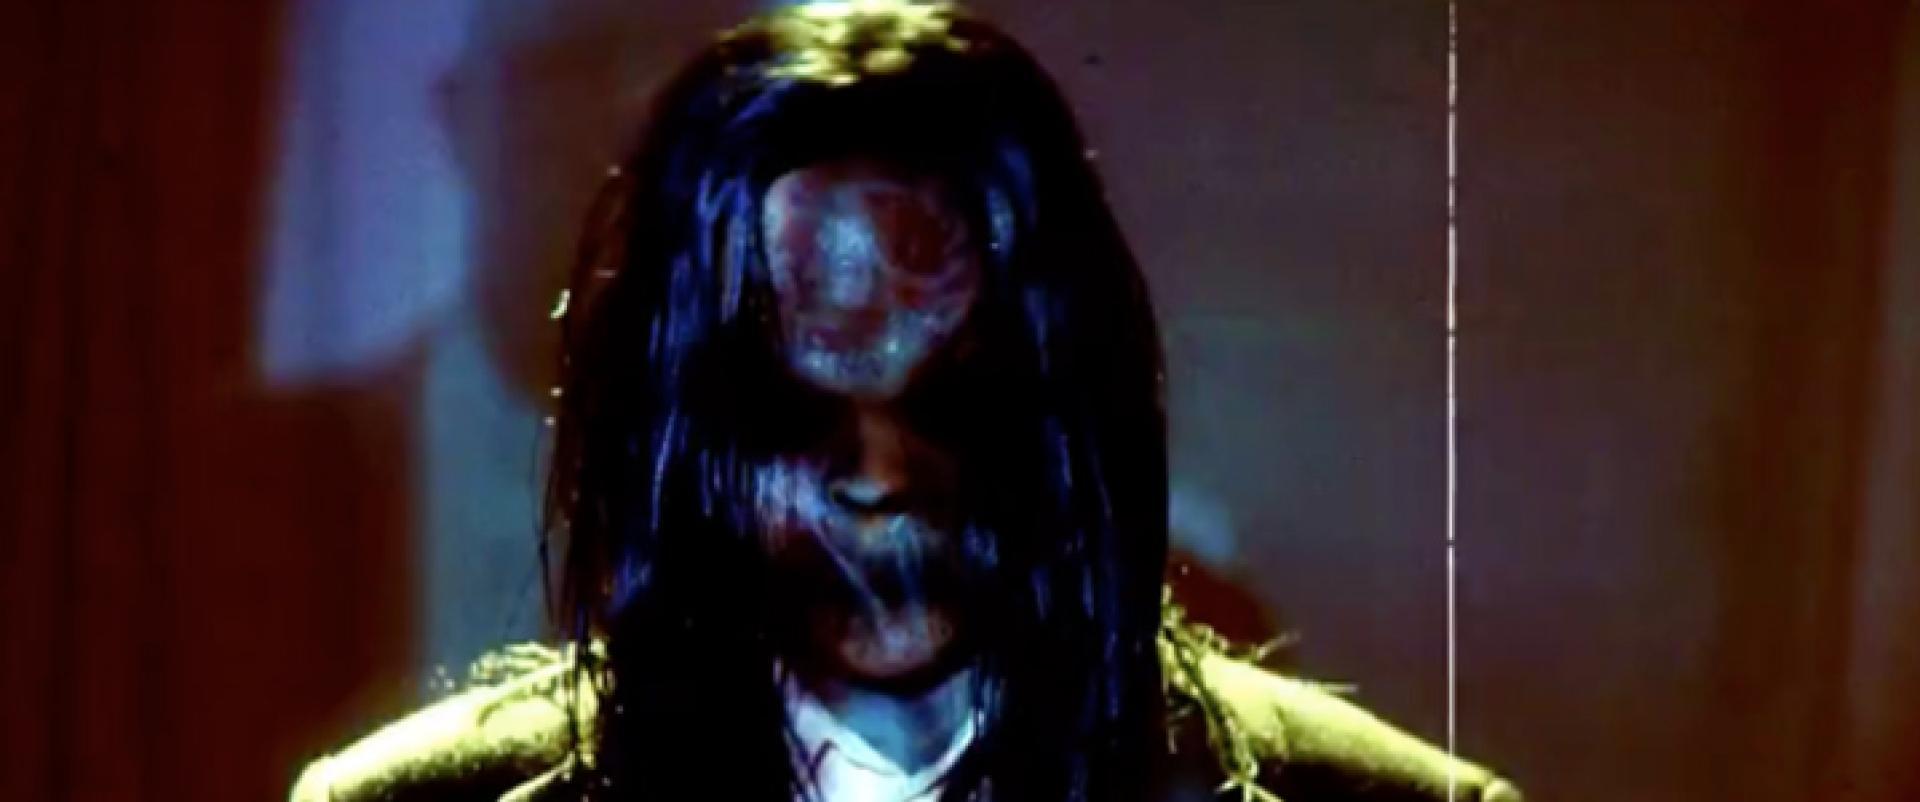 Hogyan készítsünk Sinister-maszkot?